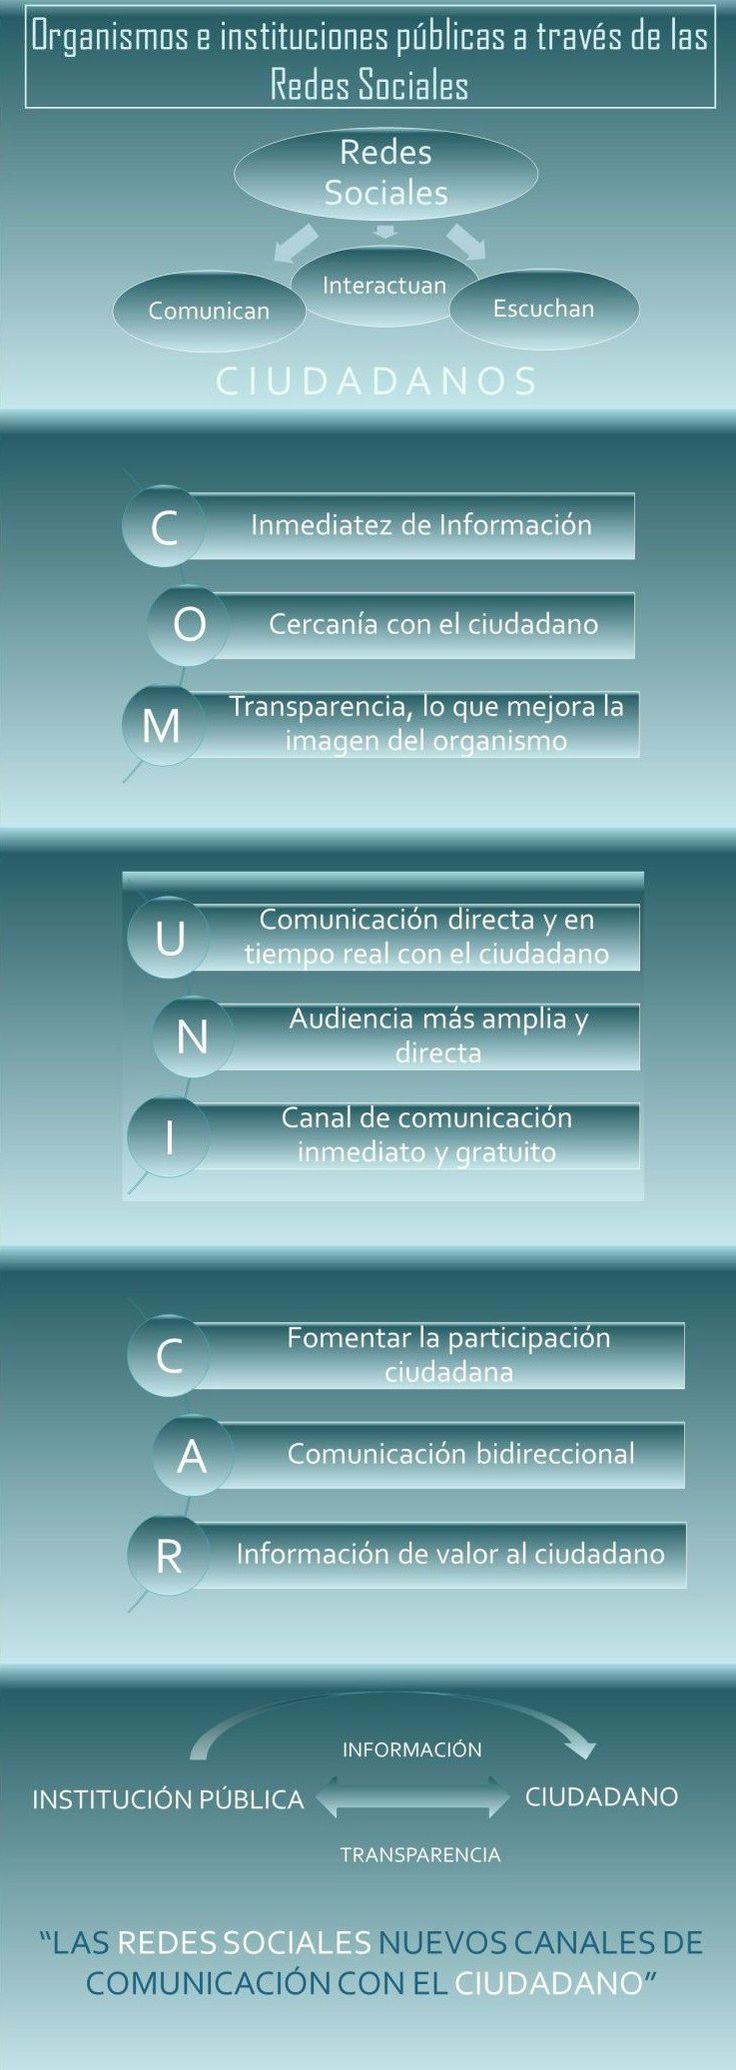 Las Redes Sociales como canales de Información y de Atención al Ciudadano - MARIÁNGELES BERNA Redes sociales paso a paso